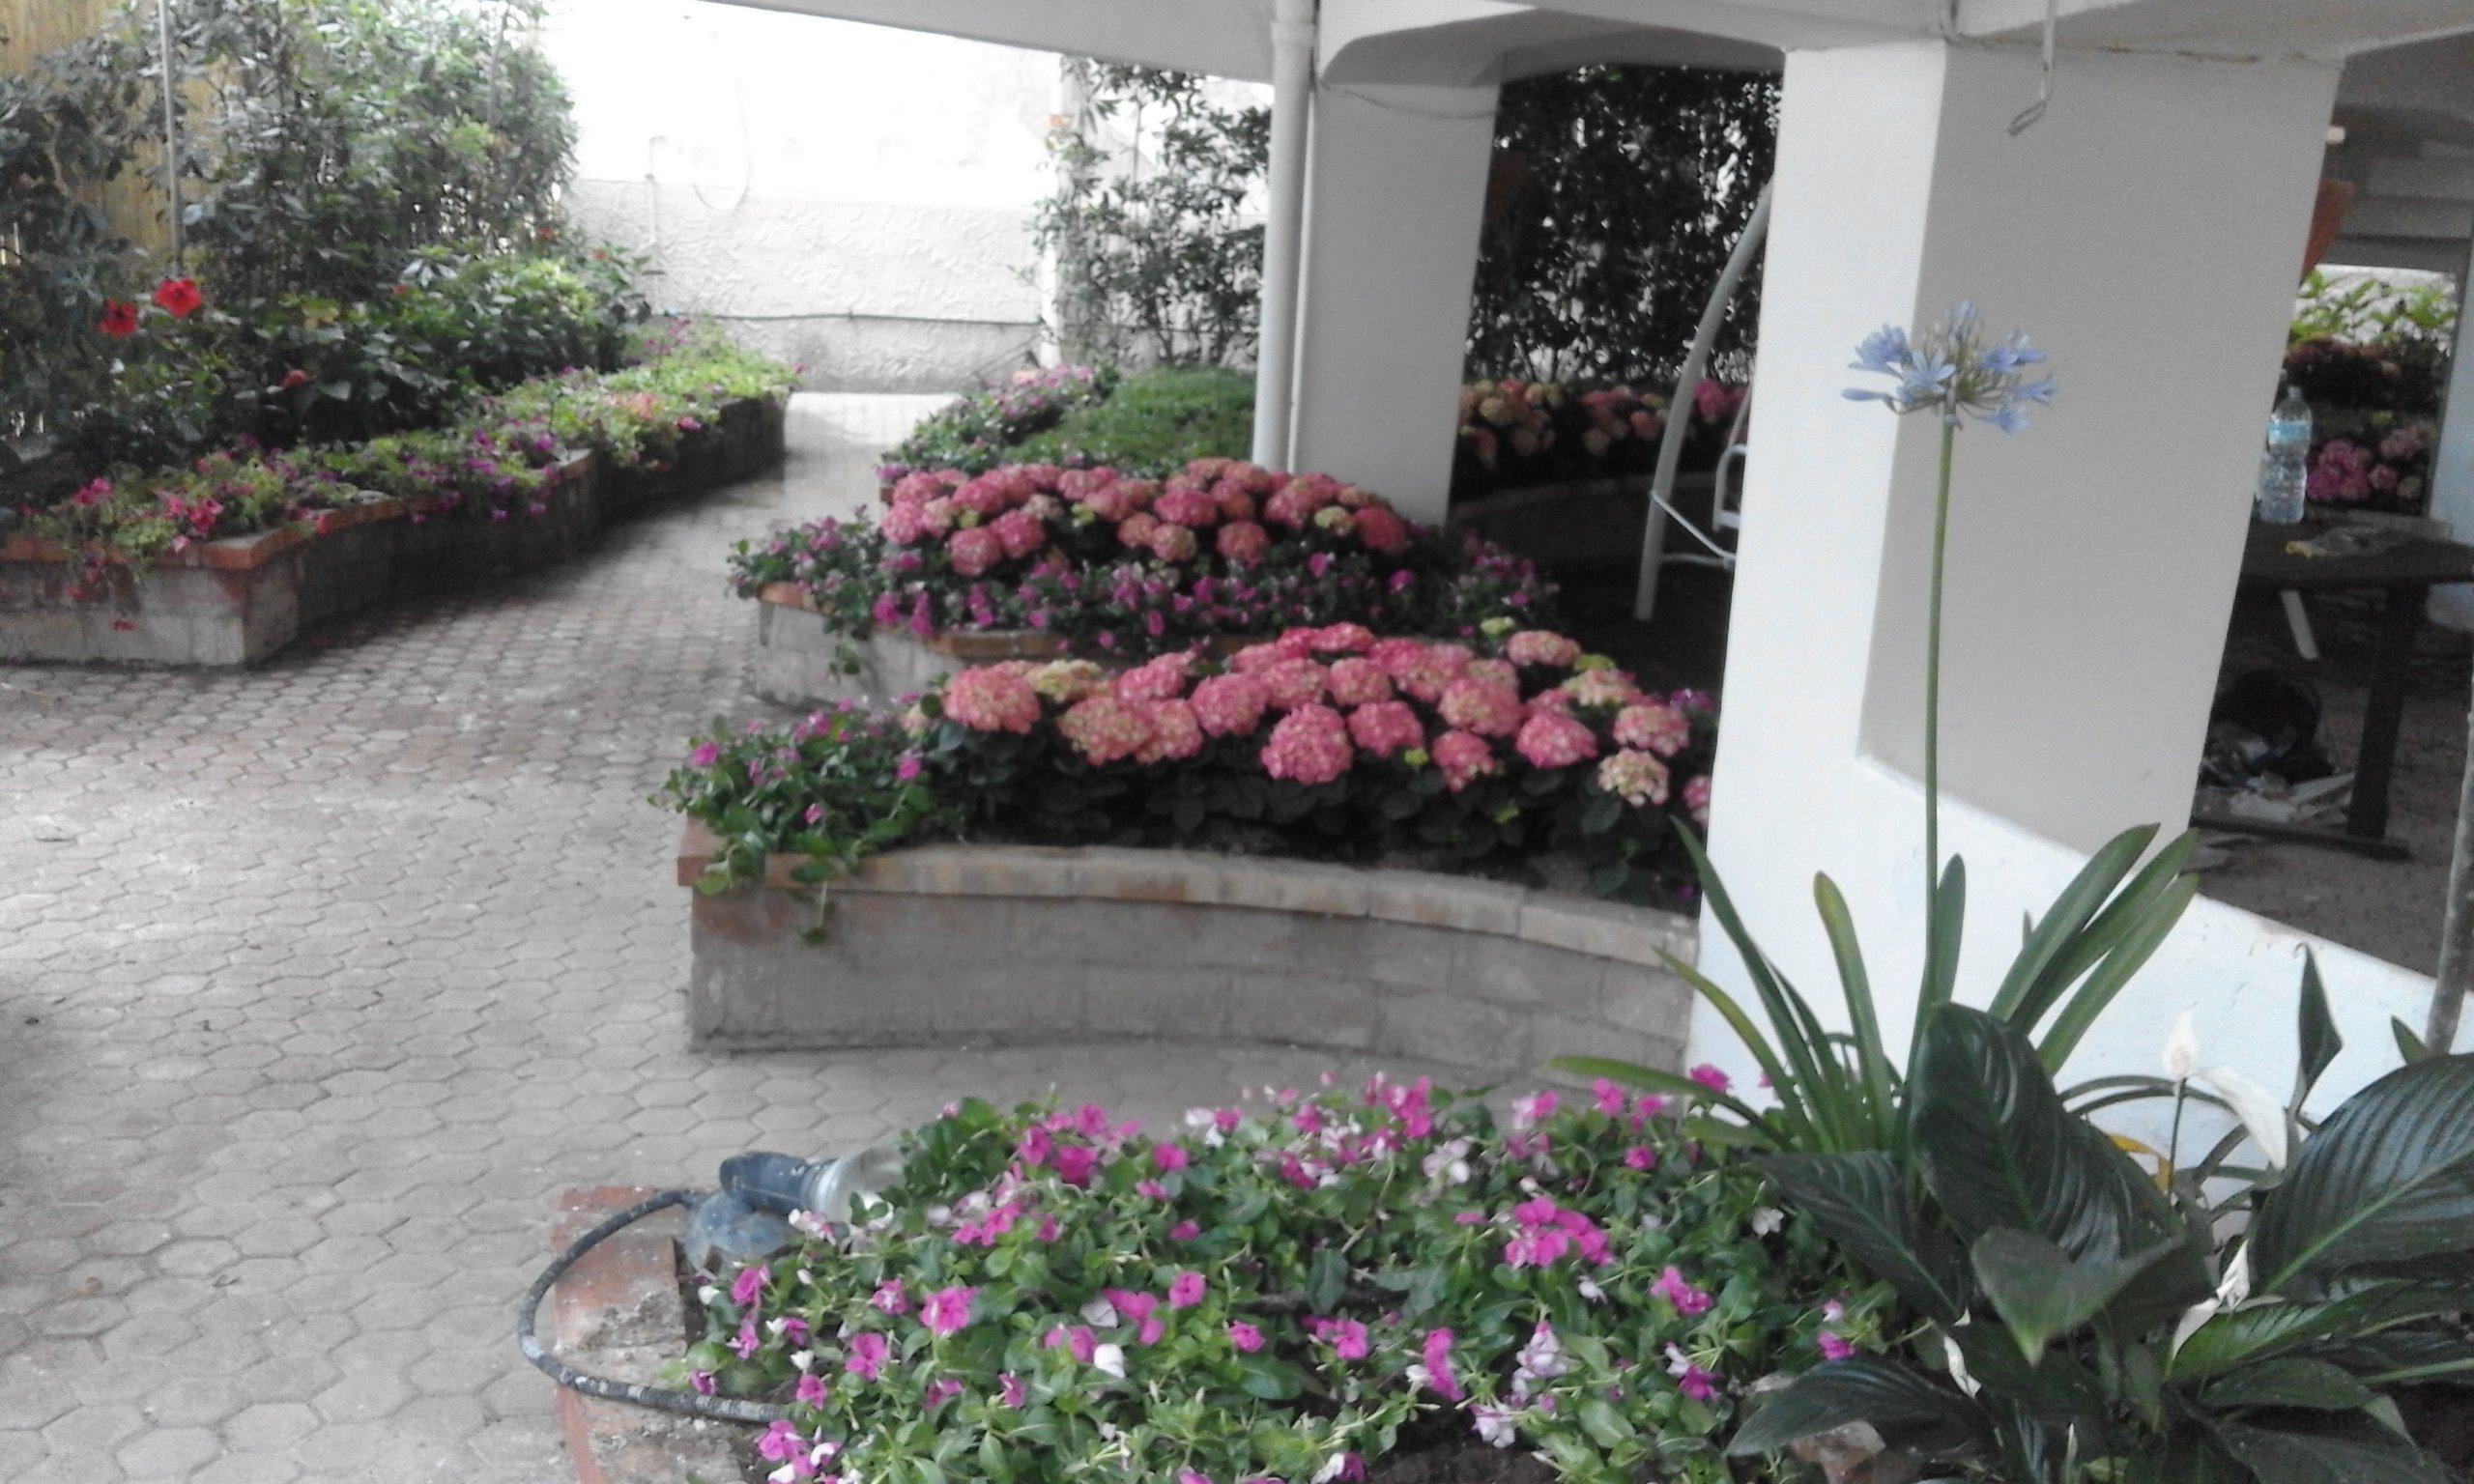 delle ortensie rosa interrate dietro a un muretto